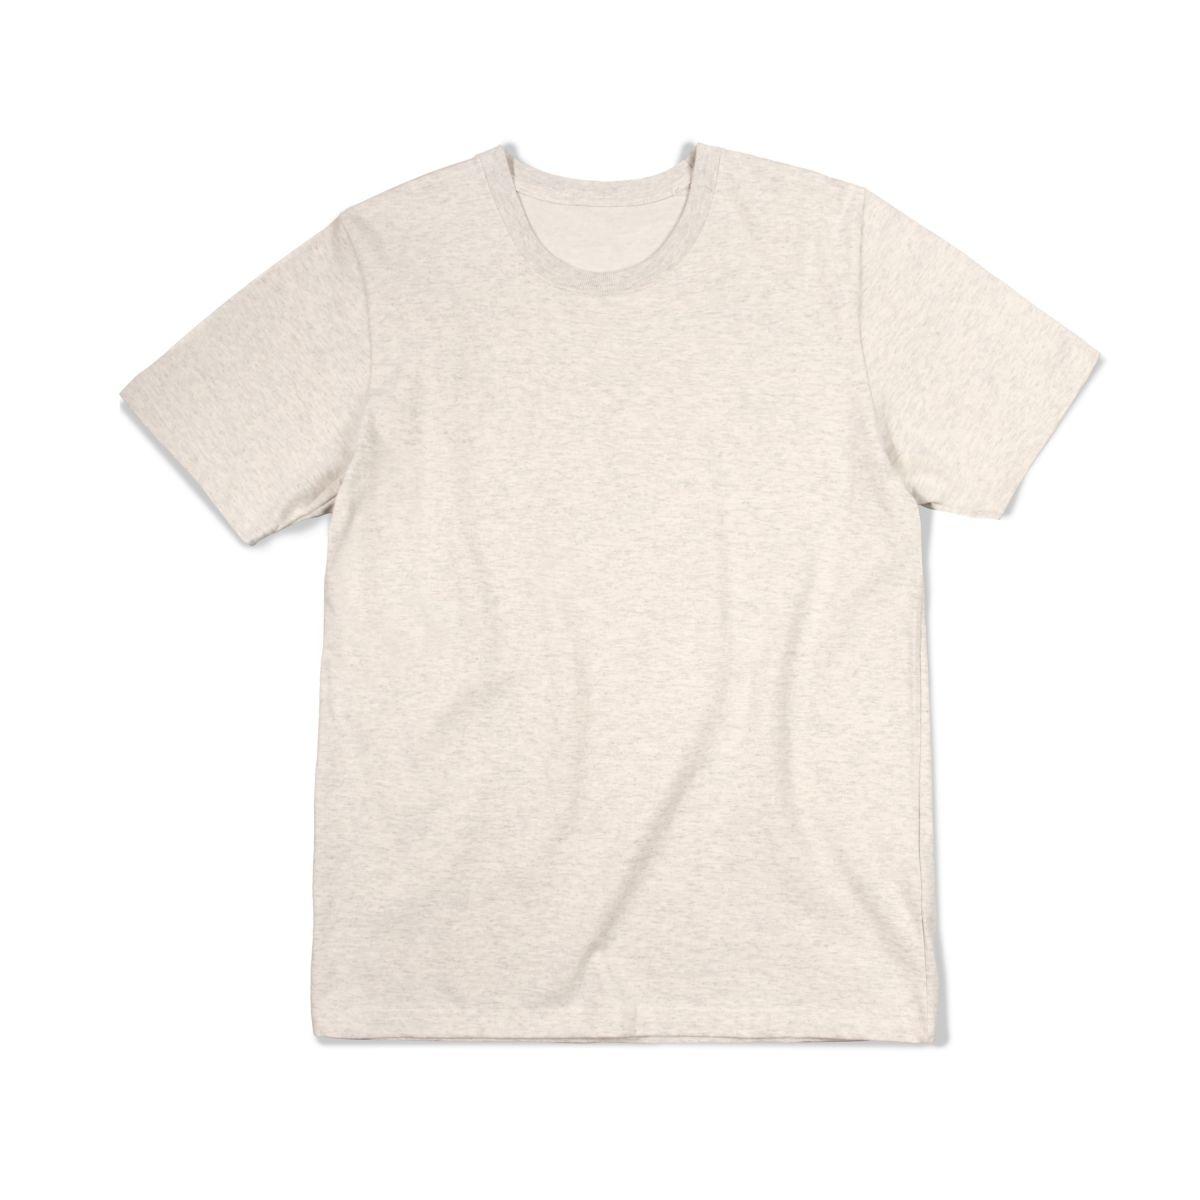 Heavyweight Short Sleeve T-Shirt [Pack of 5]